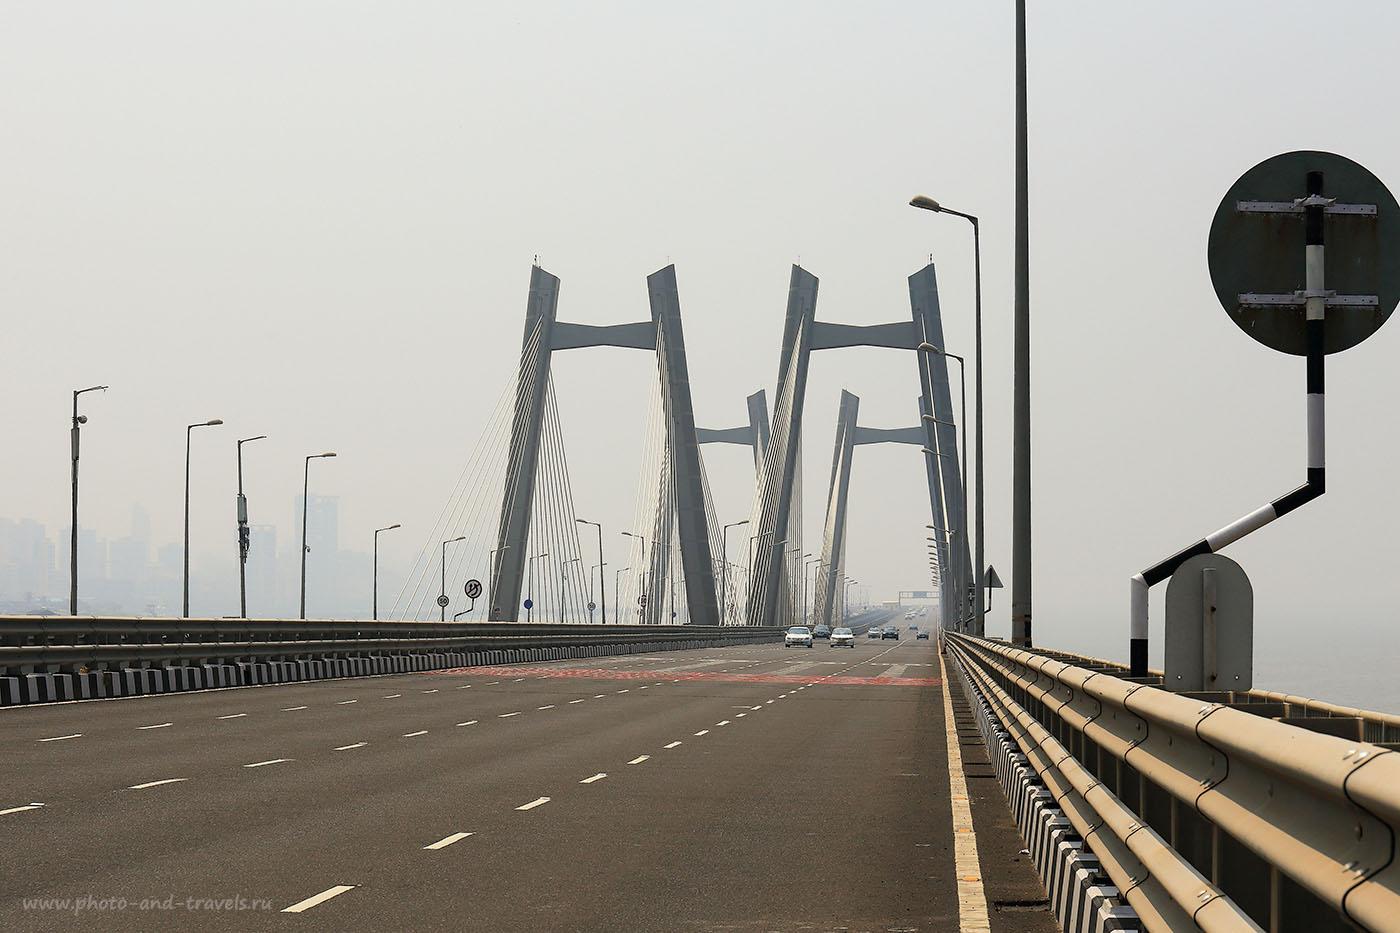 Фотография 2. Морской мост Бандра-Ворли. Отзывы об экскурсиях в Мумбаи самостоятельно во время путешествия по Индии (24-70, 1/1000, 0eV, f9, 70 mm, ISO 100)